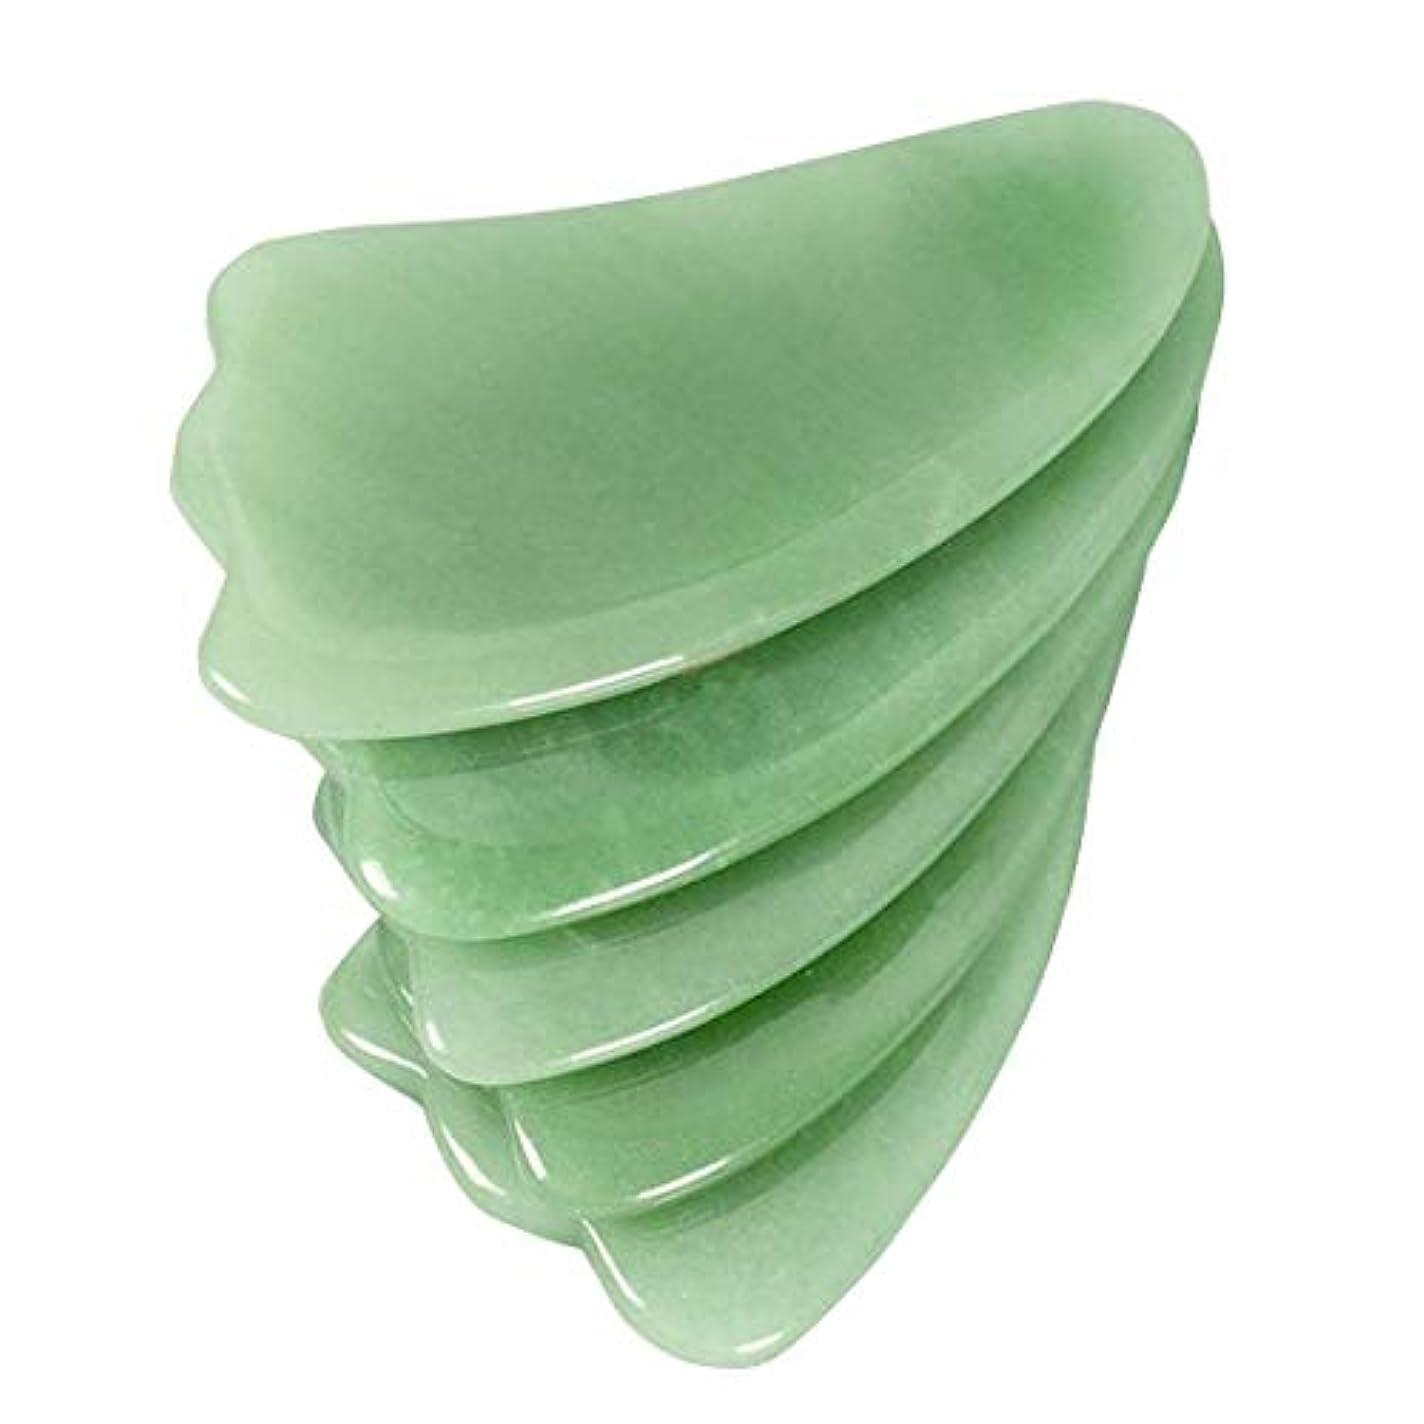 疼痛国家故障天然緑アベンチュリン かっさプレート カッサリフトプレート カッサボード カッサマッサージ道具